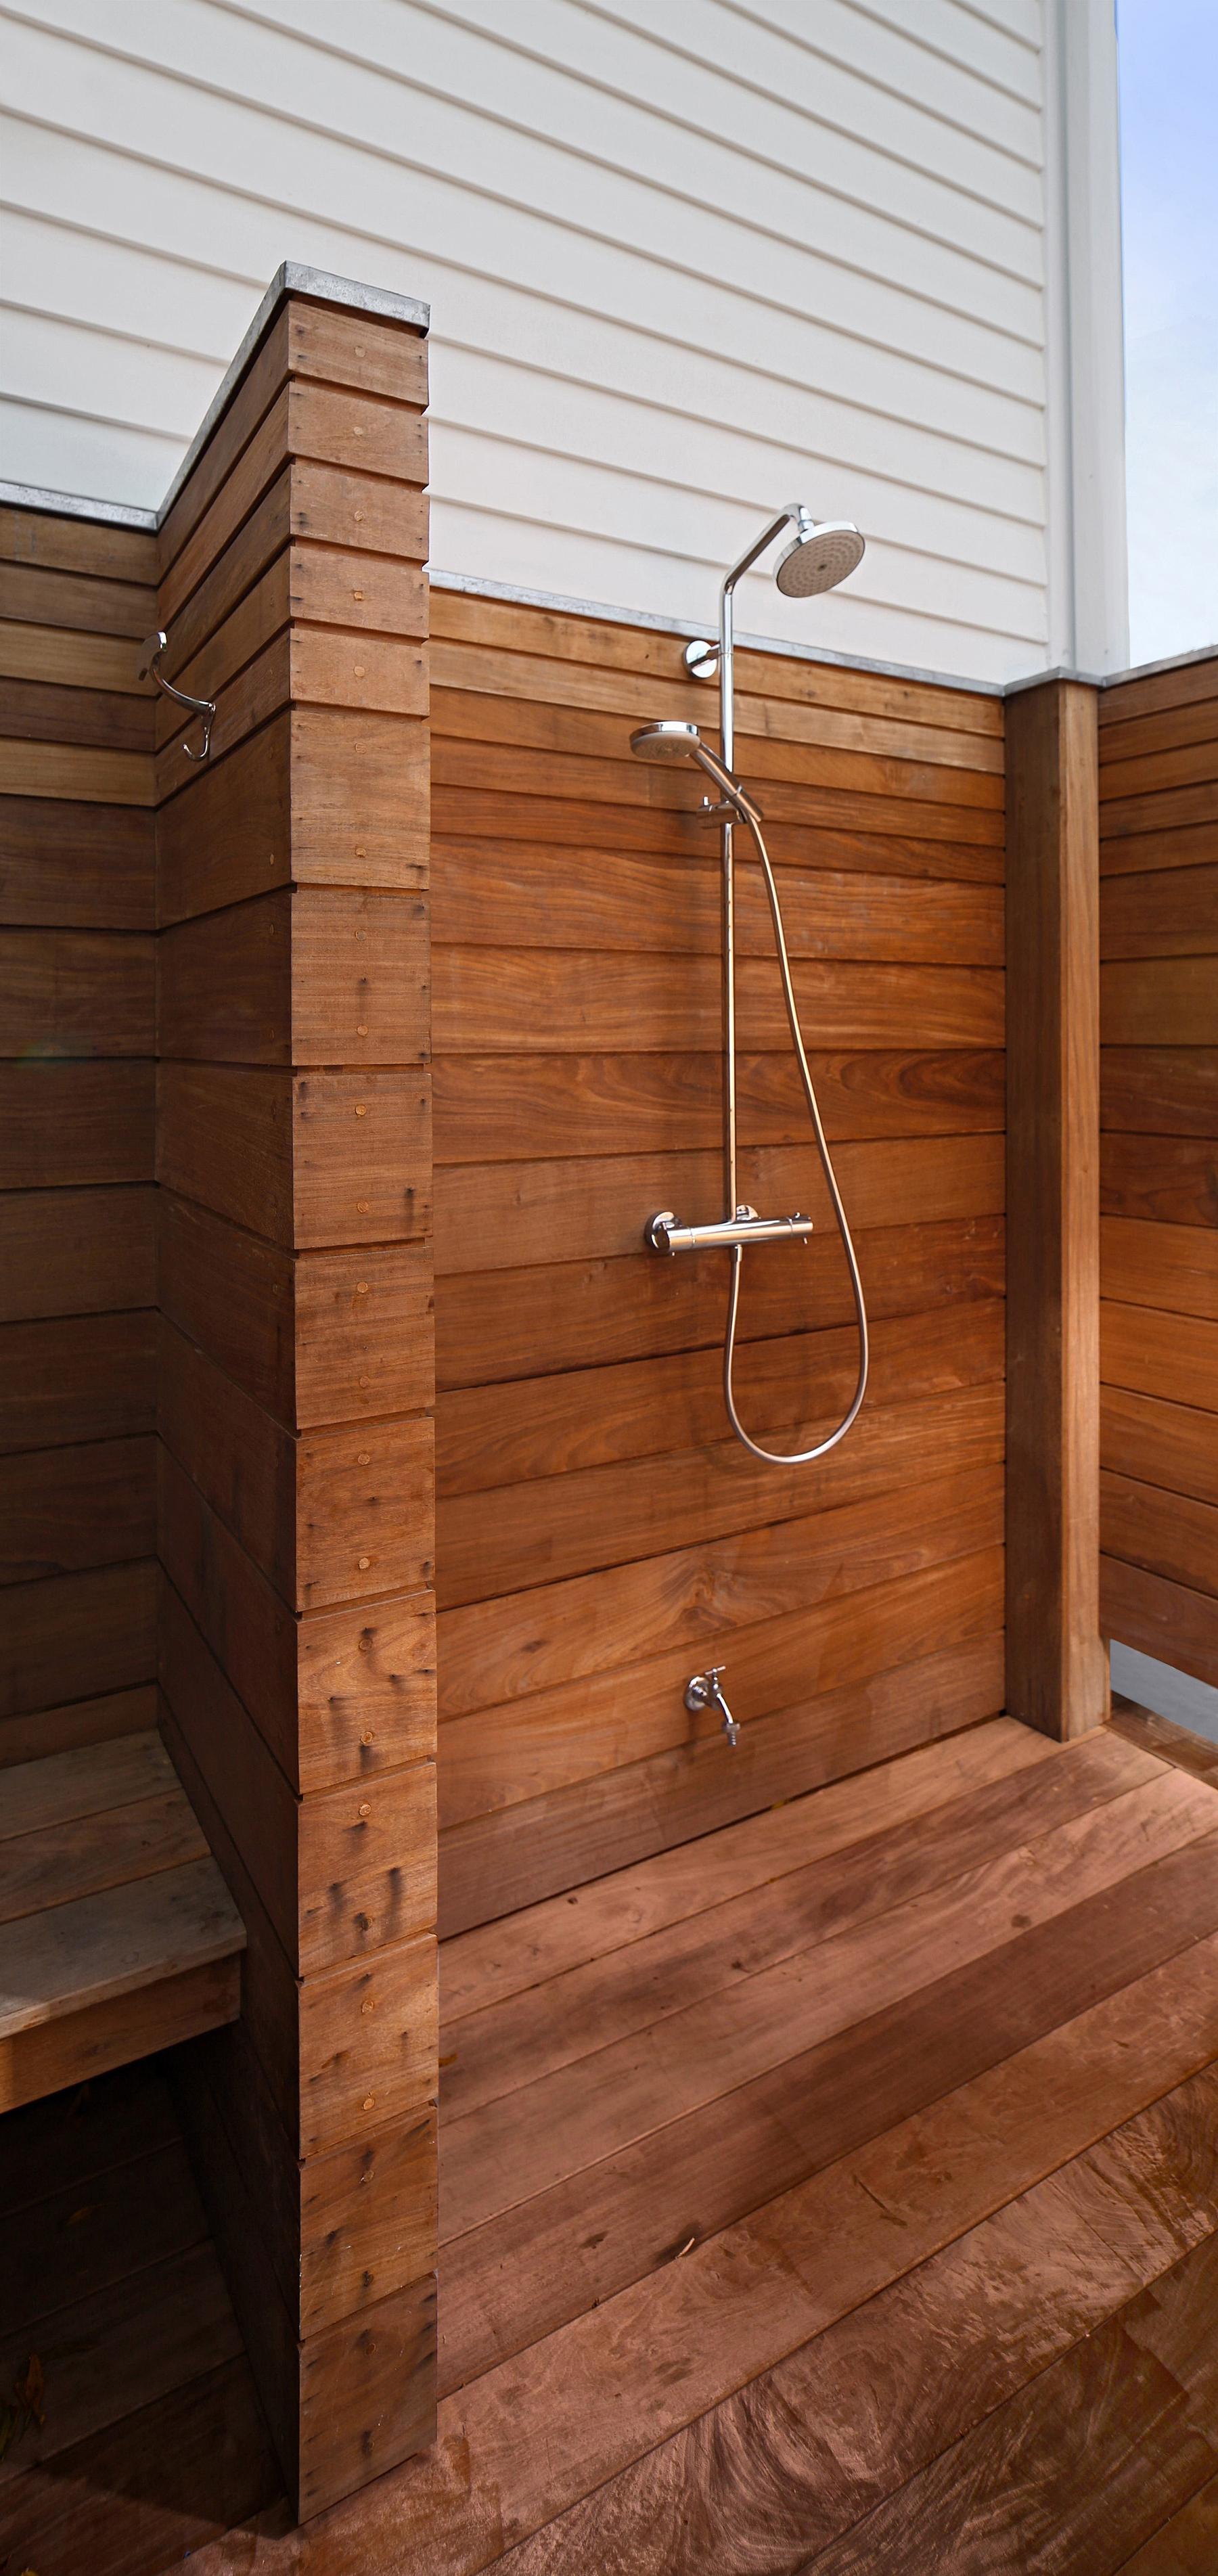 9-Interior Shower with Shower Head.jpg